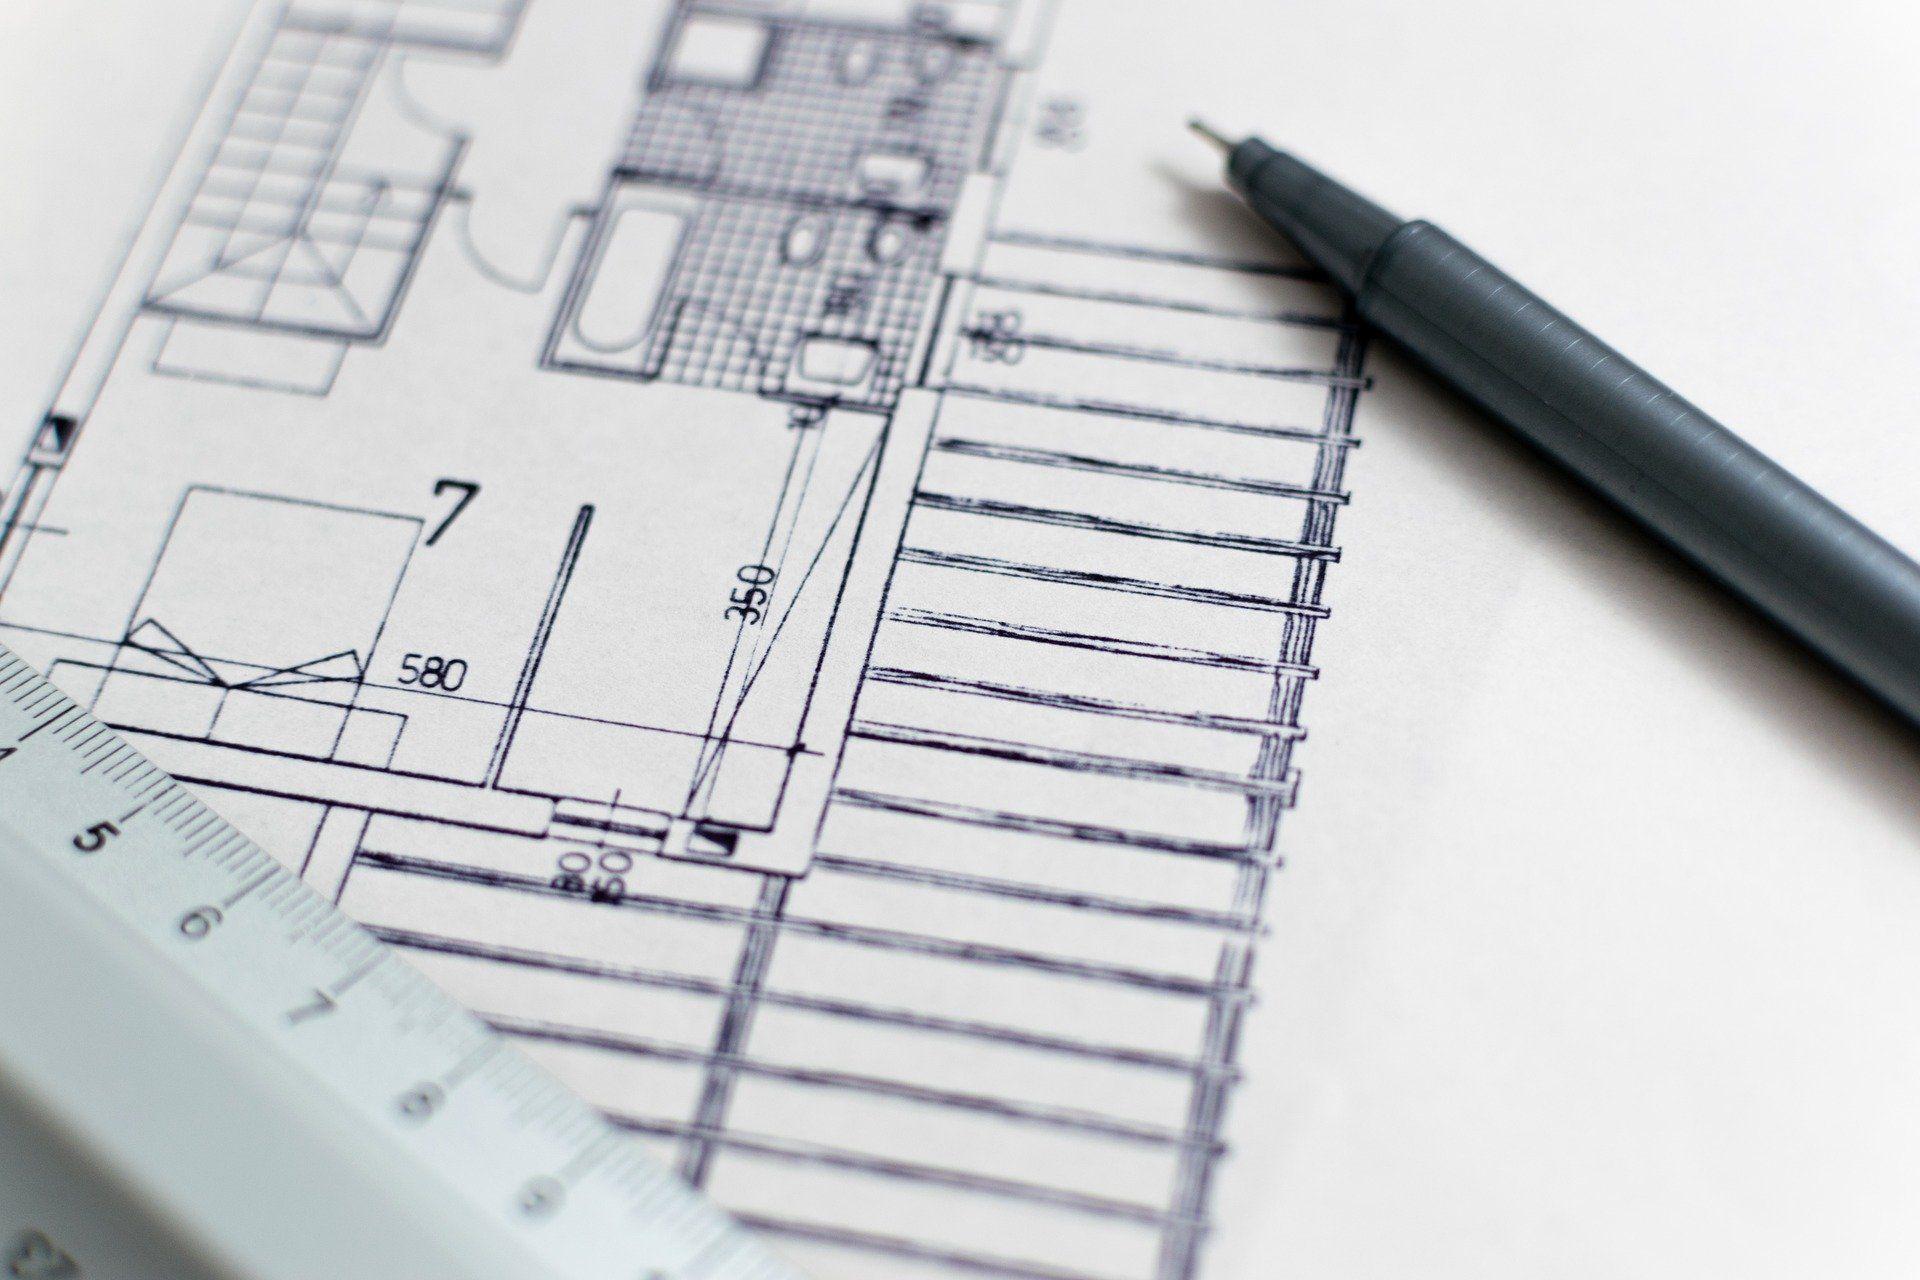 ¿Comprar una vivienda nueva o reformar? Domho reformas cuenta las ventajas de reformar